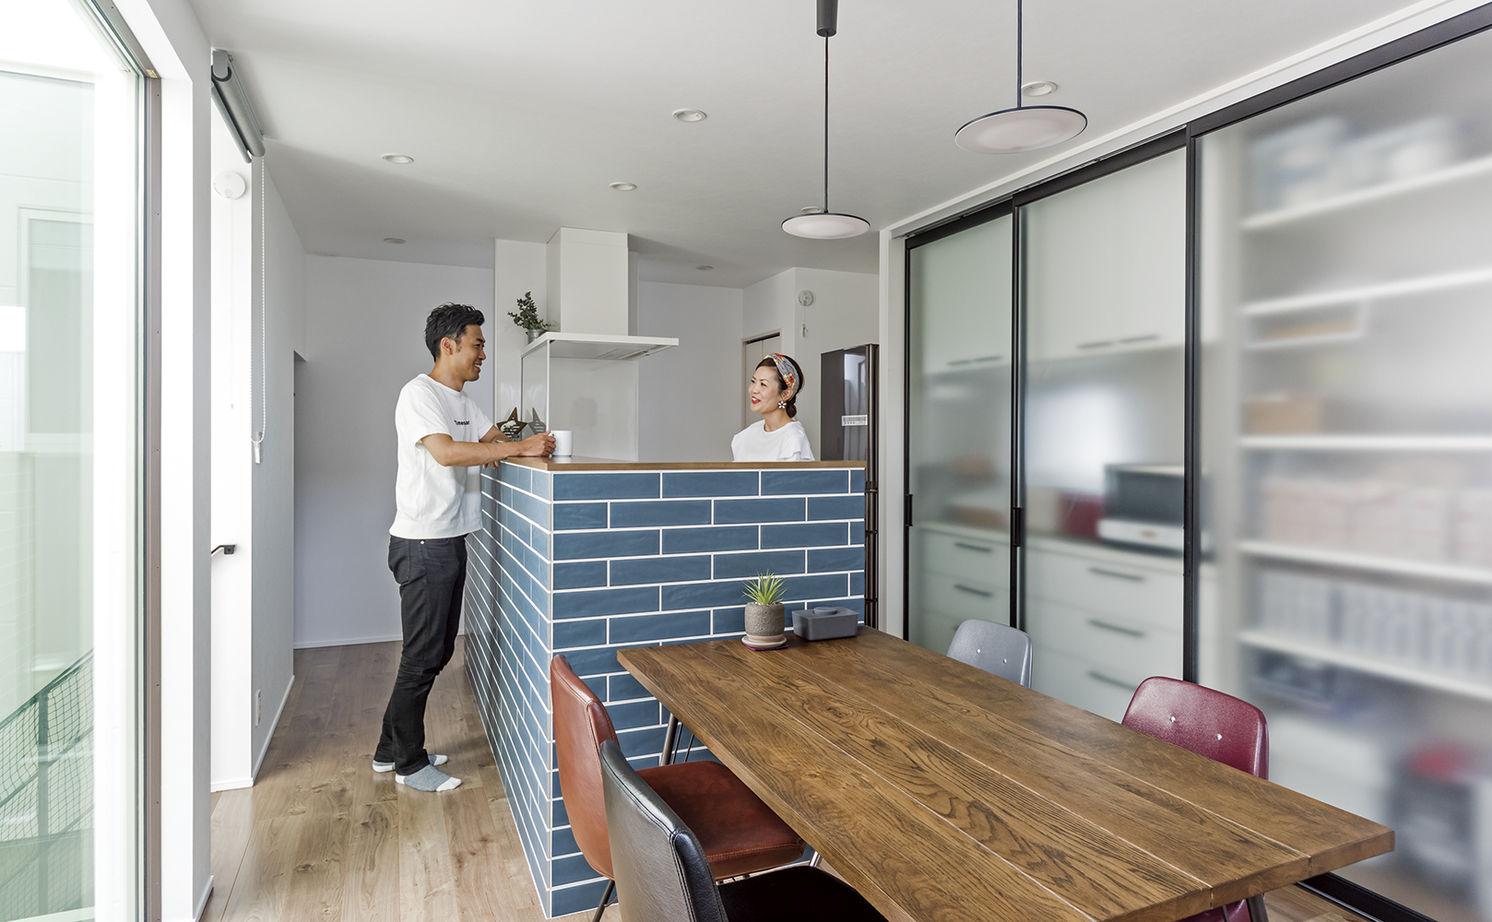 「西区×中庭つき間取り」中庭に20畳超のリビング、土間収納やロフトまで。30坪台の敷地で理想を叶えた家画像3